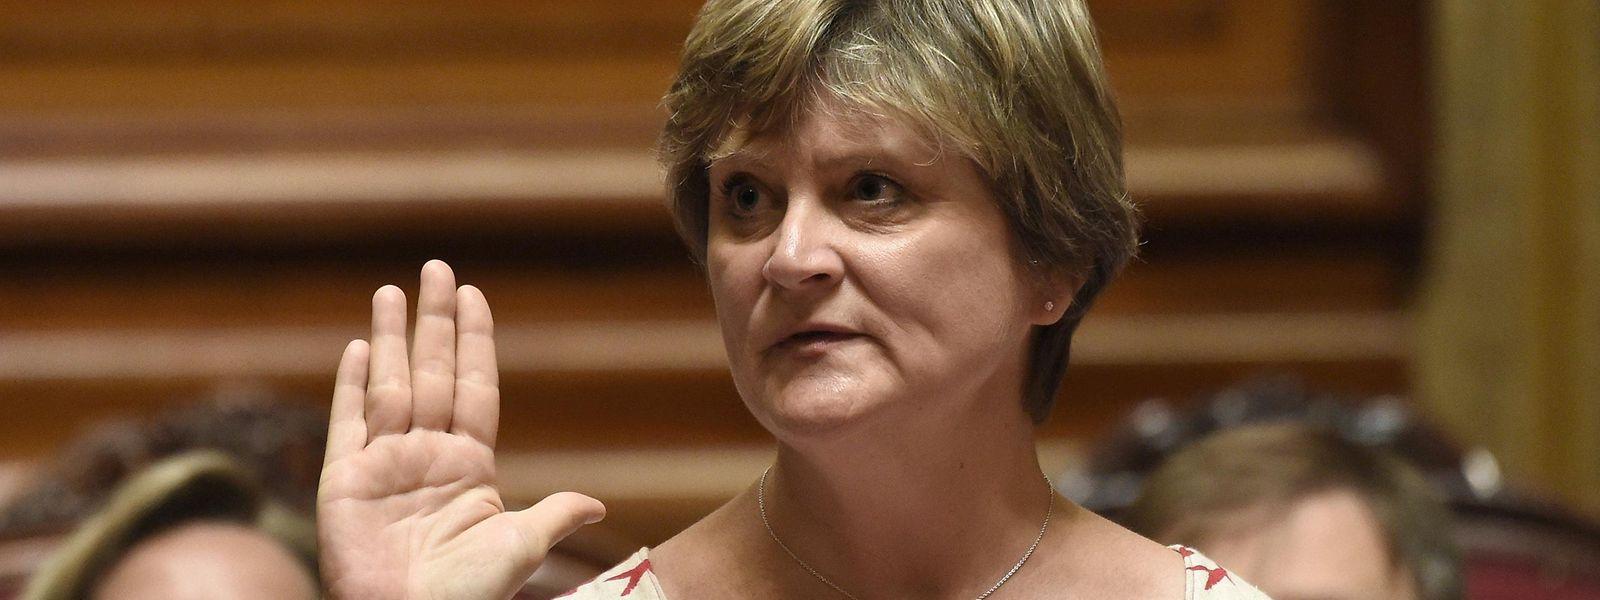 La libérale francophone Sabine Laruelle est en effet la première femme adoubée par un souverain belge pour tenter de dégager les pistes susceptibles de mener au futur gouvernement fédéral.